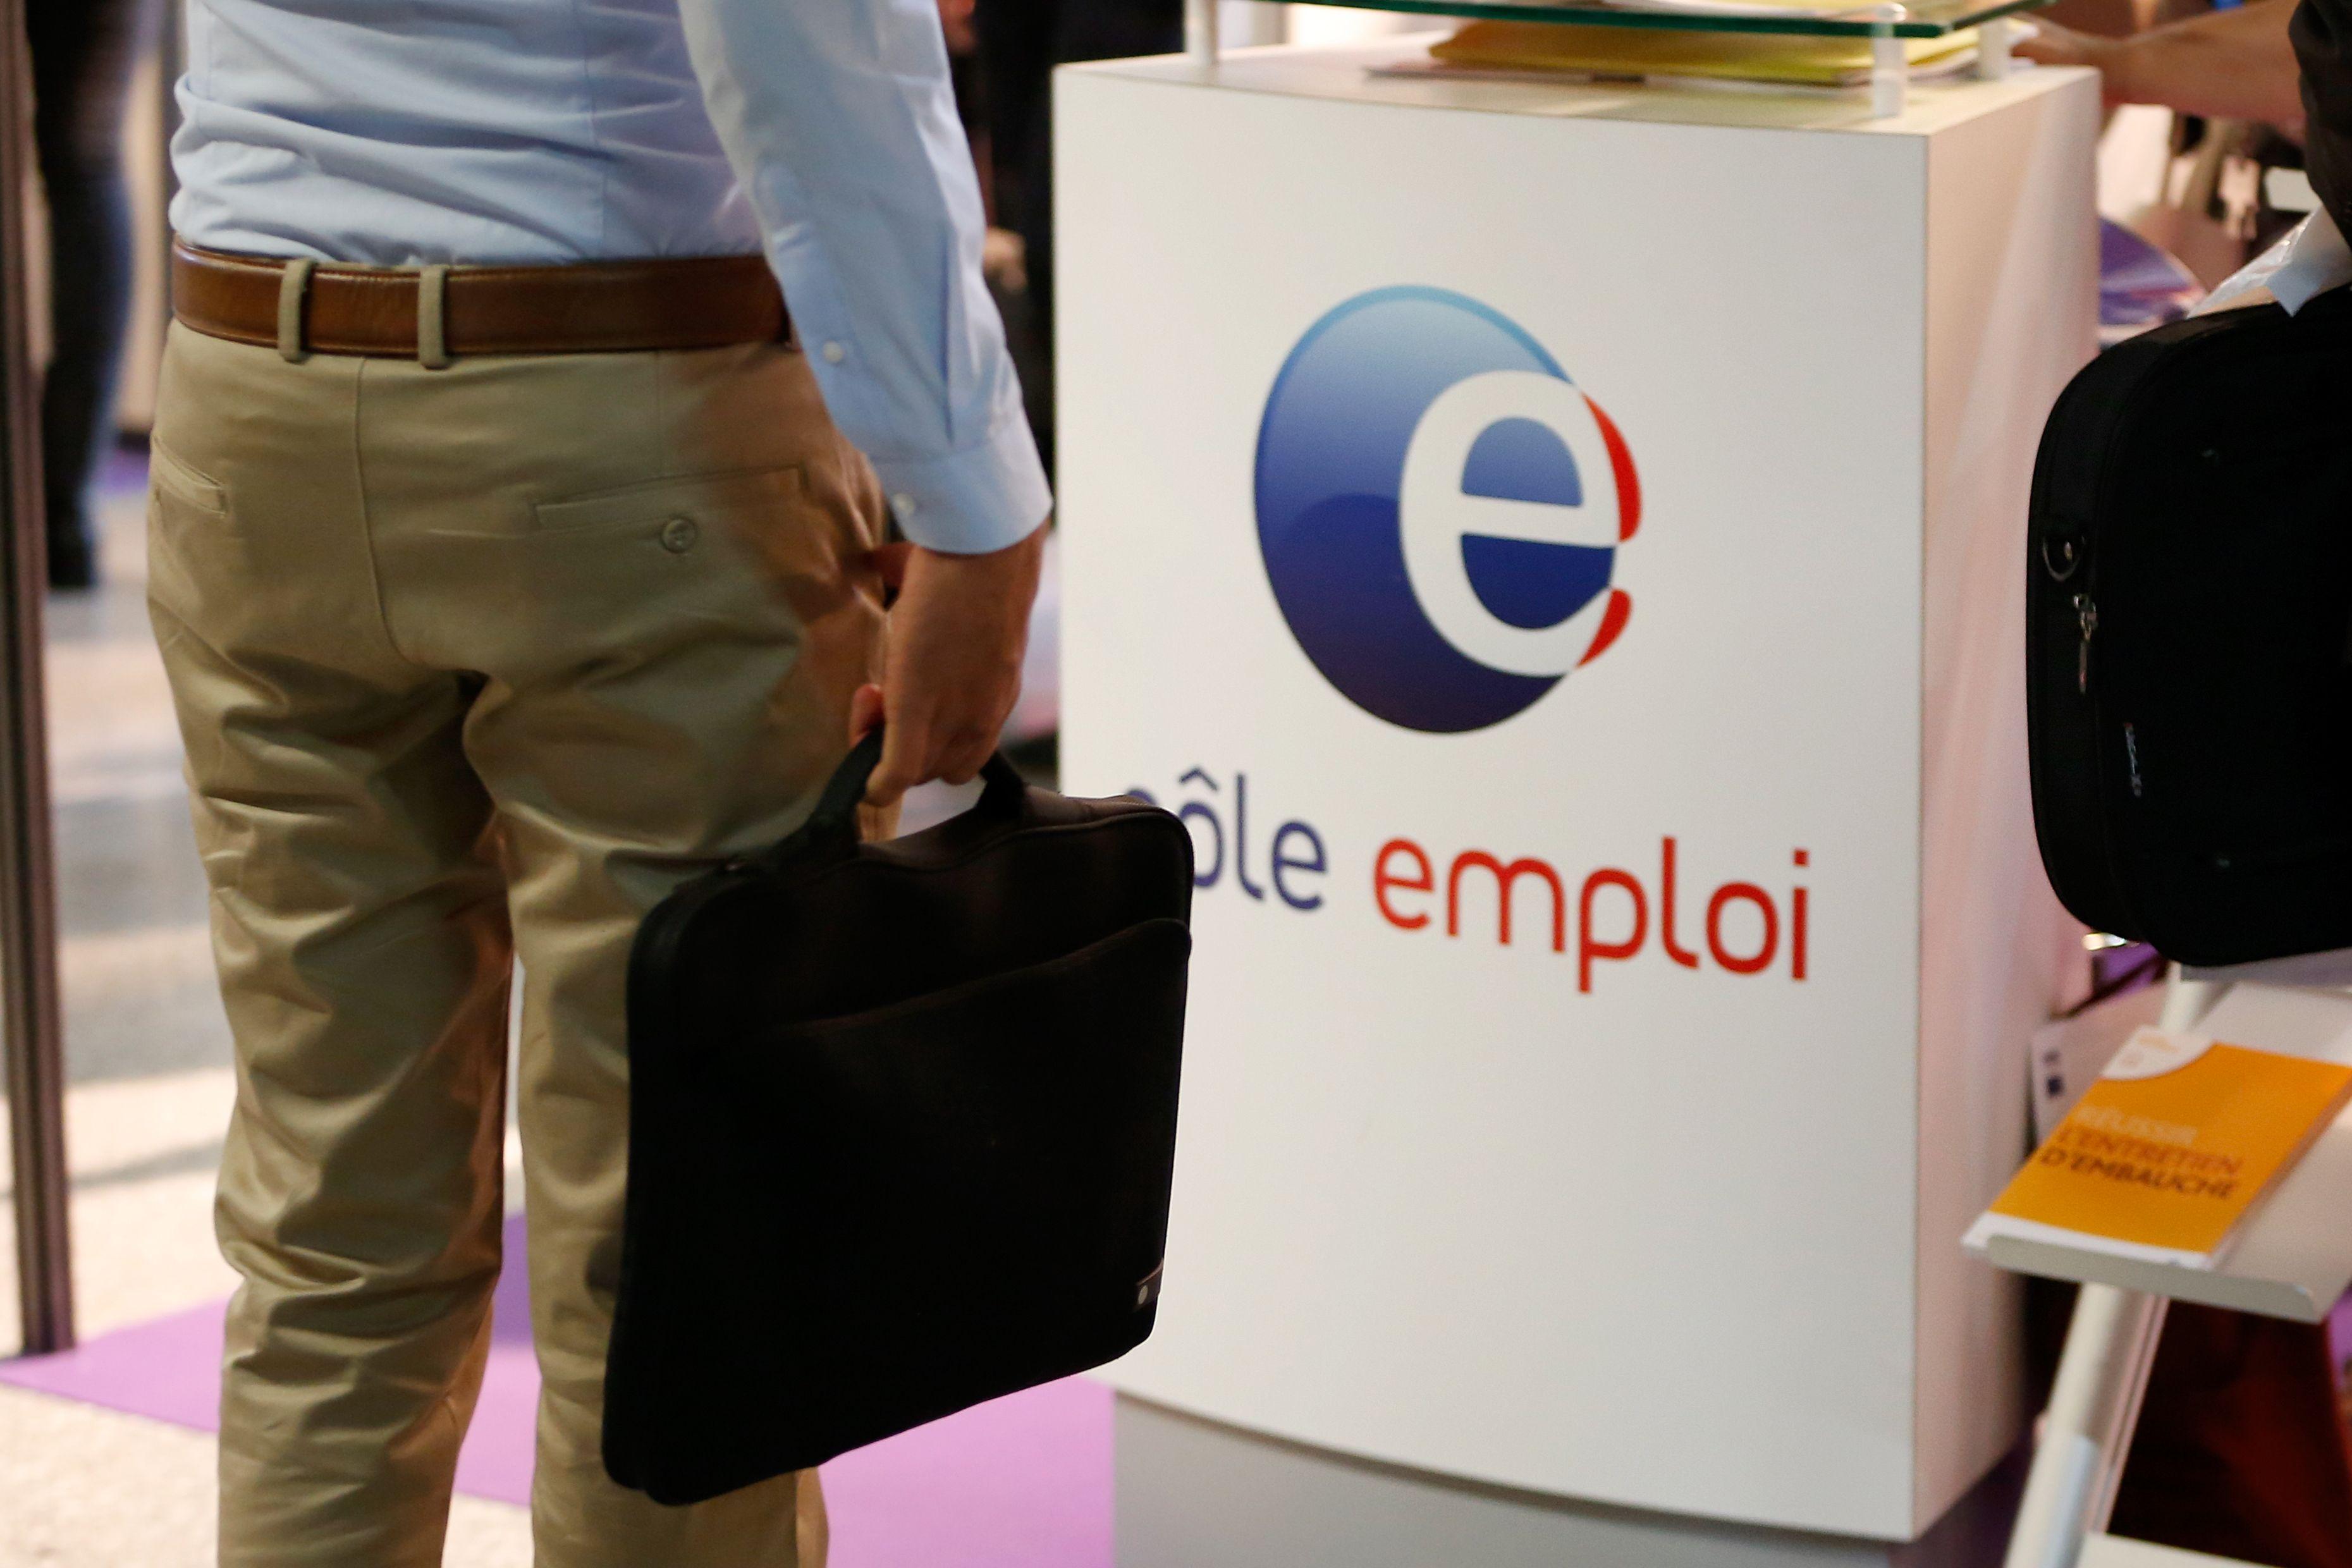 Le gouvernement souhaite que les chômeurs soient mieux contrôlés.